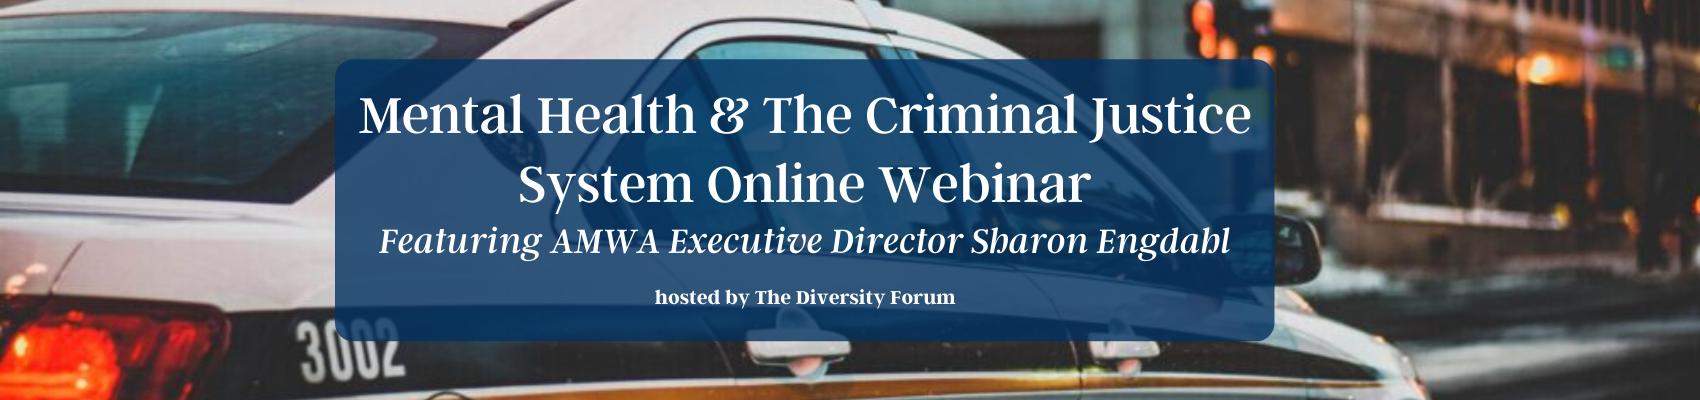 Mental Health & The Criminal Justice System Online Webinar